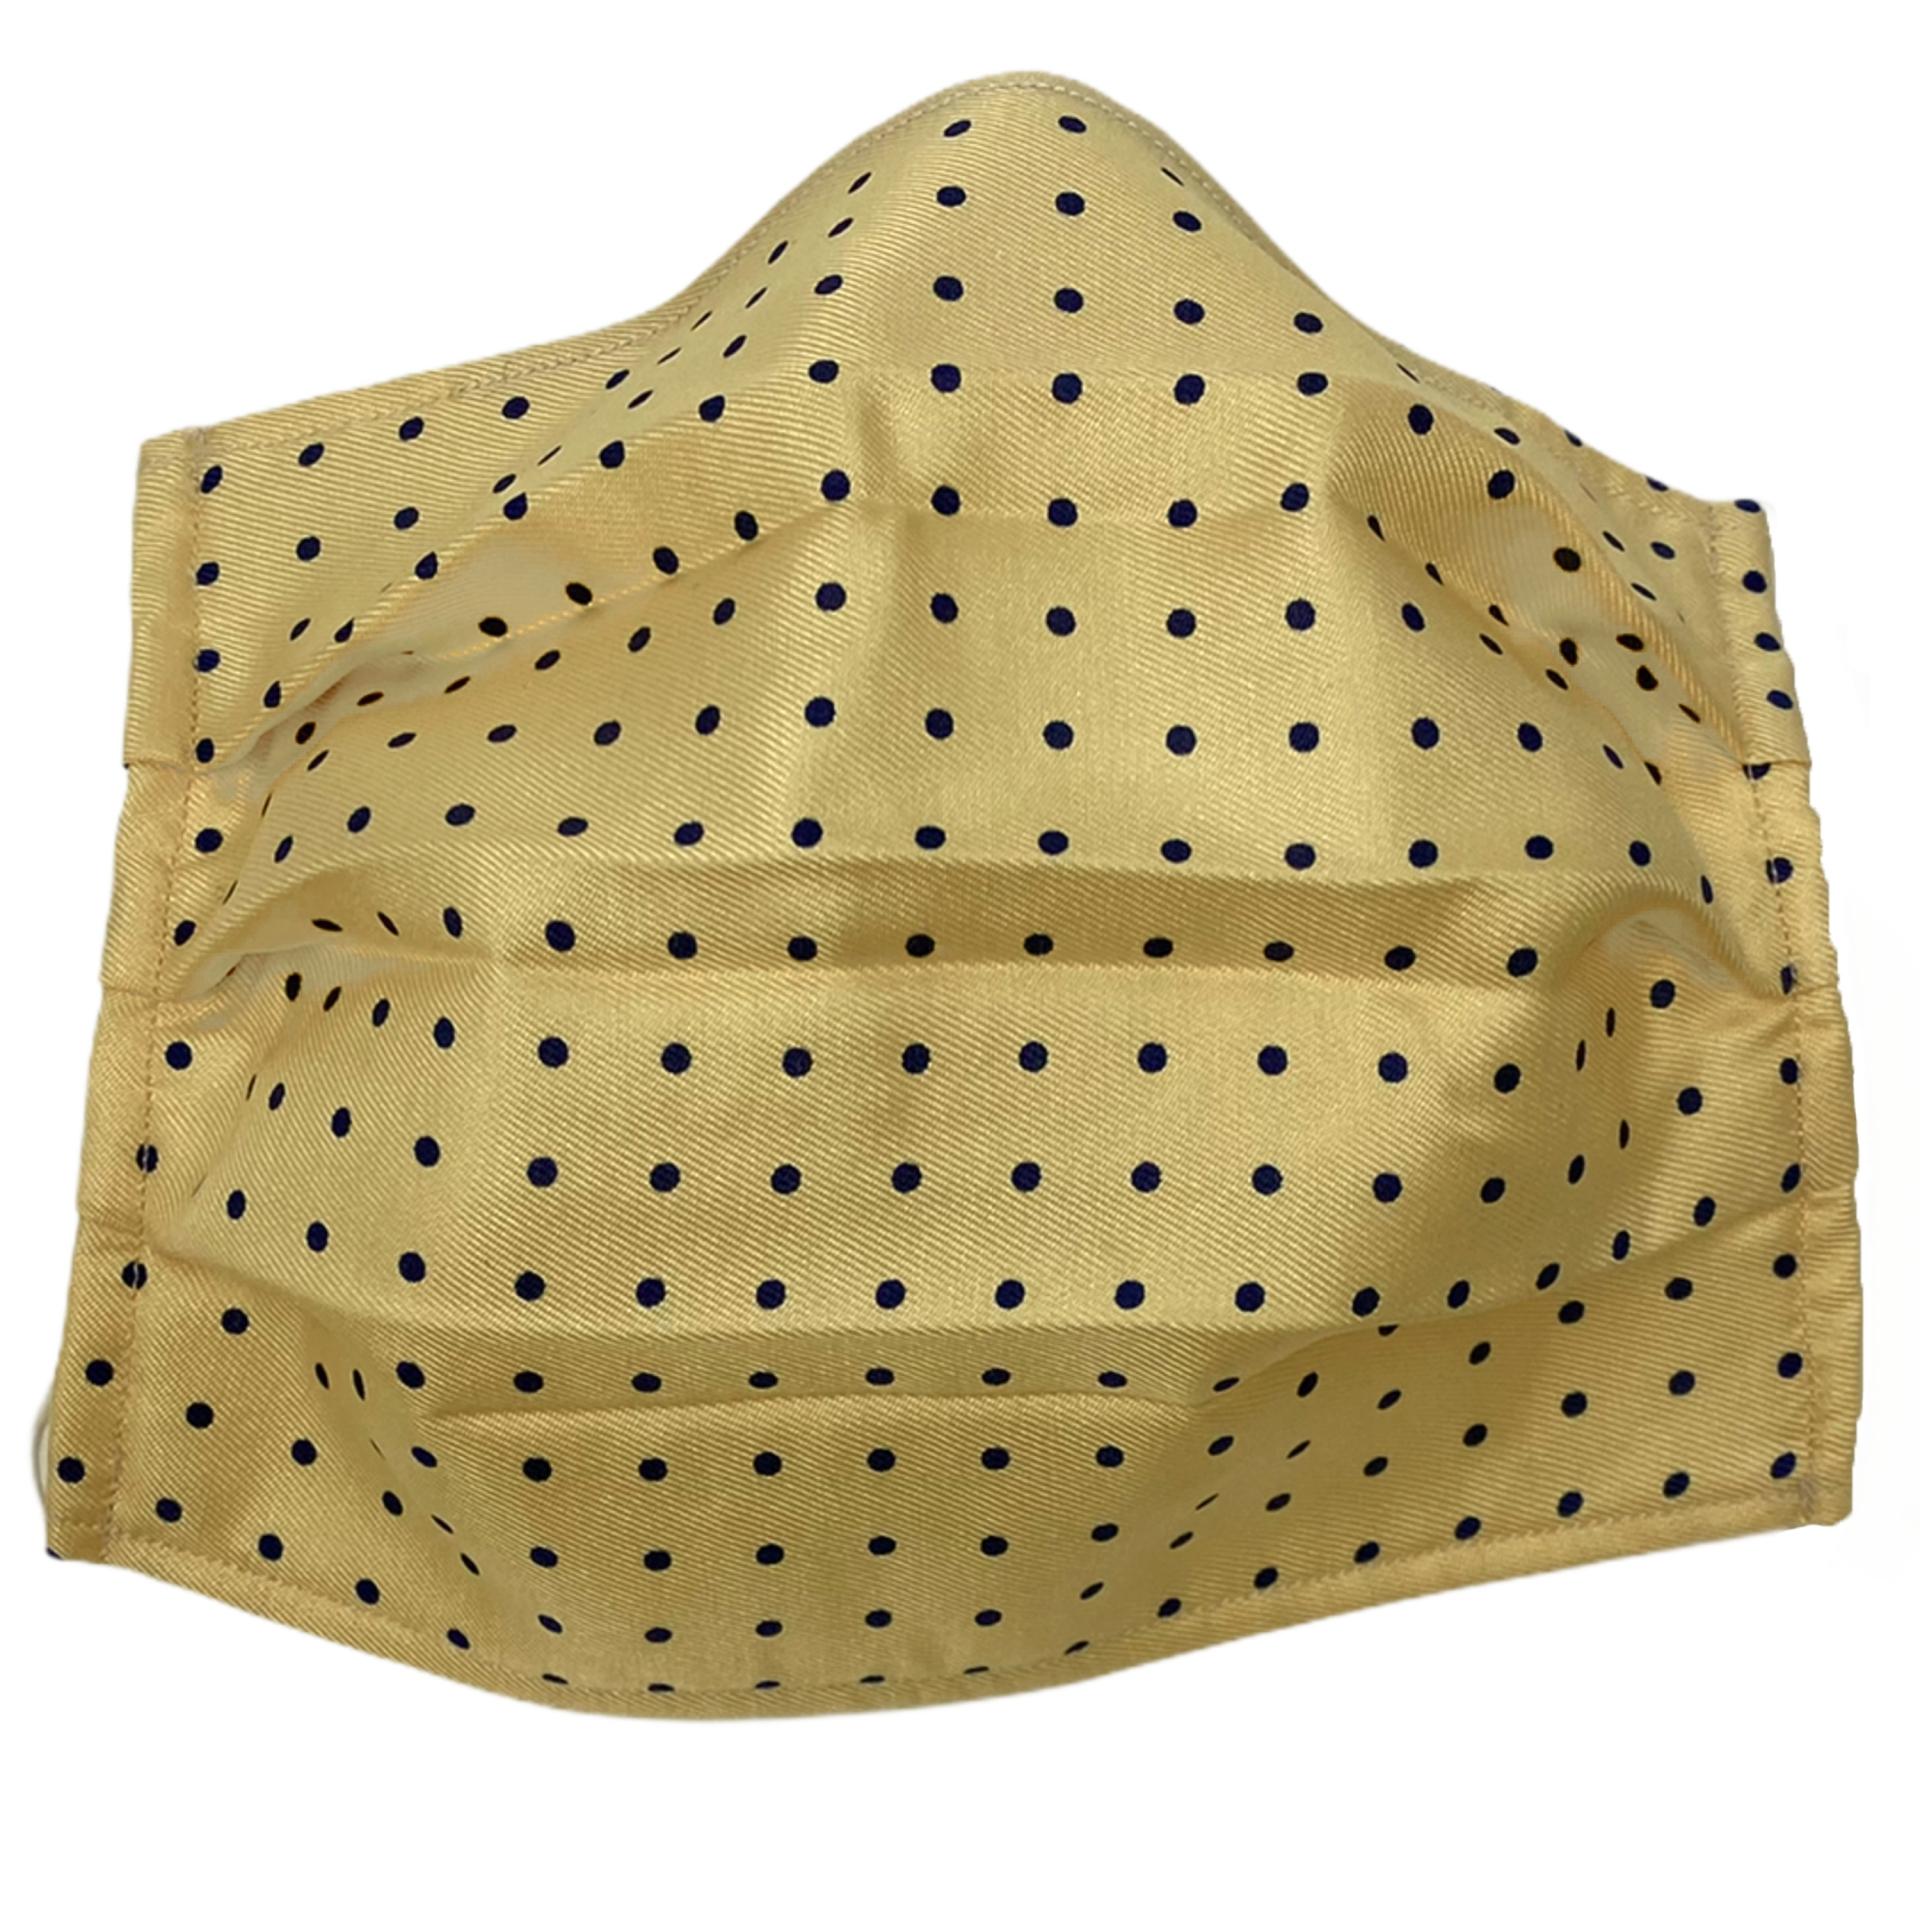 StyleMask Mascherina facciale filtrante in seta gialla pois multicolore